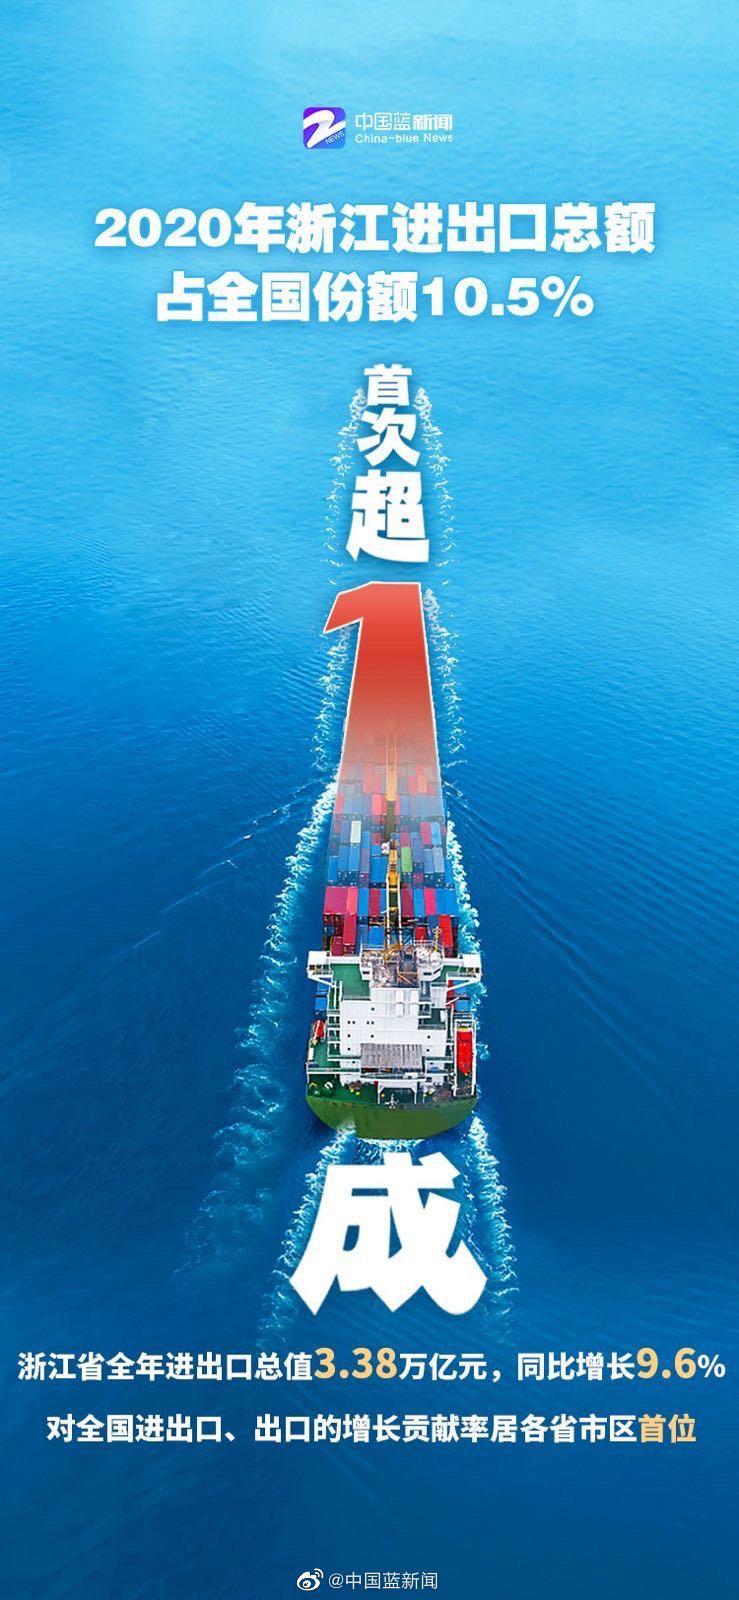 中国外贸十分之一出自浙江